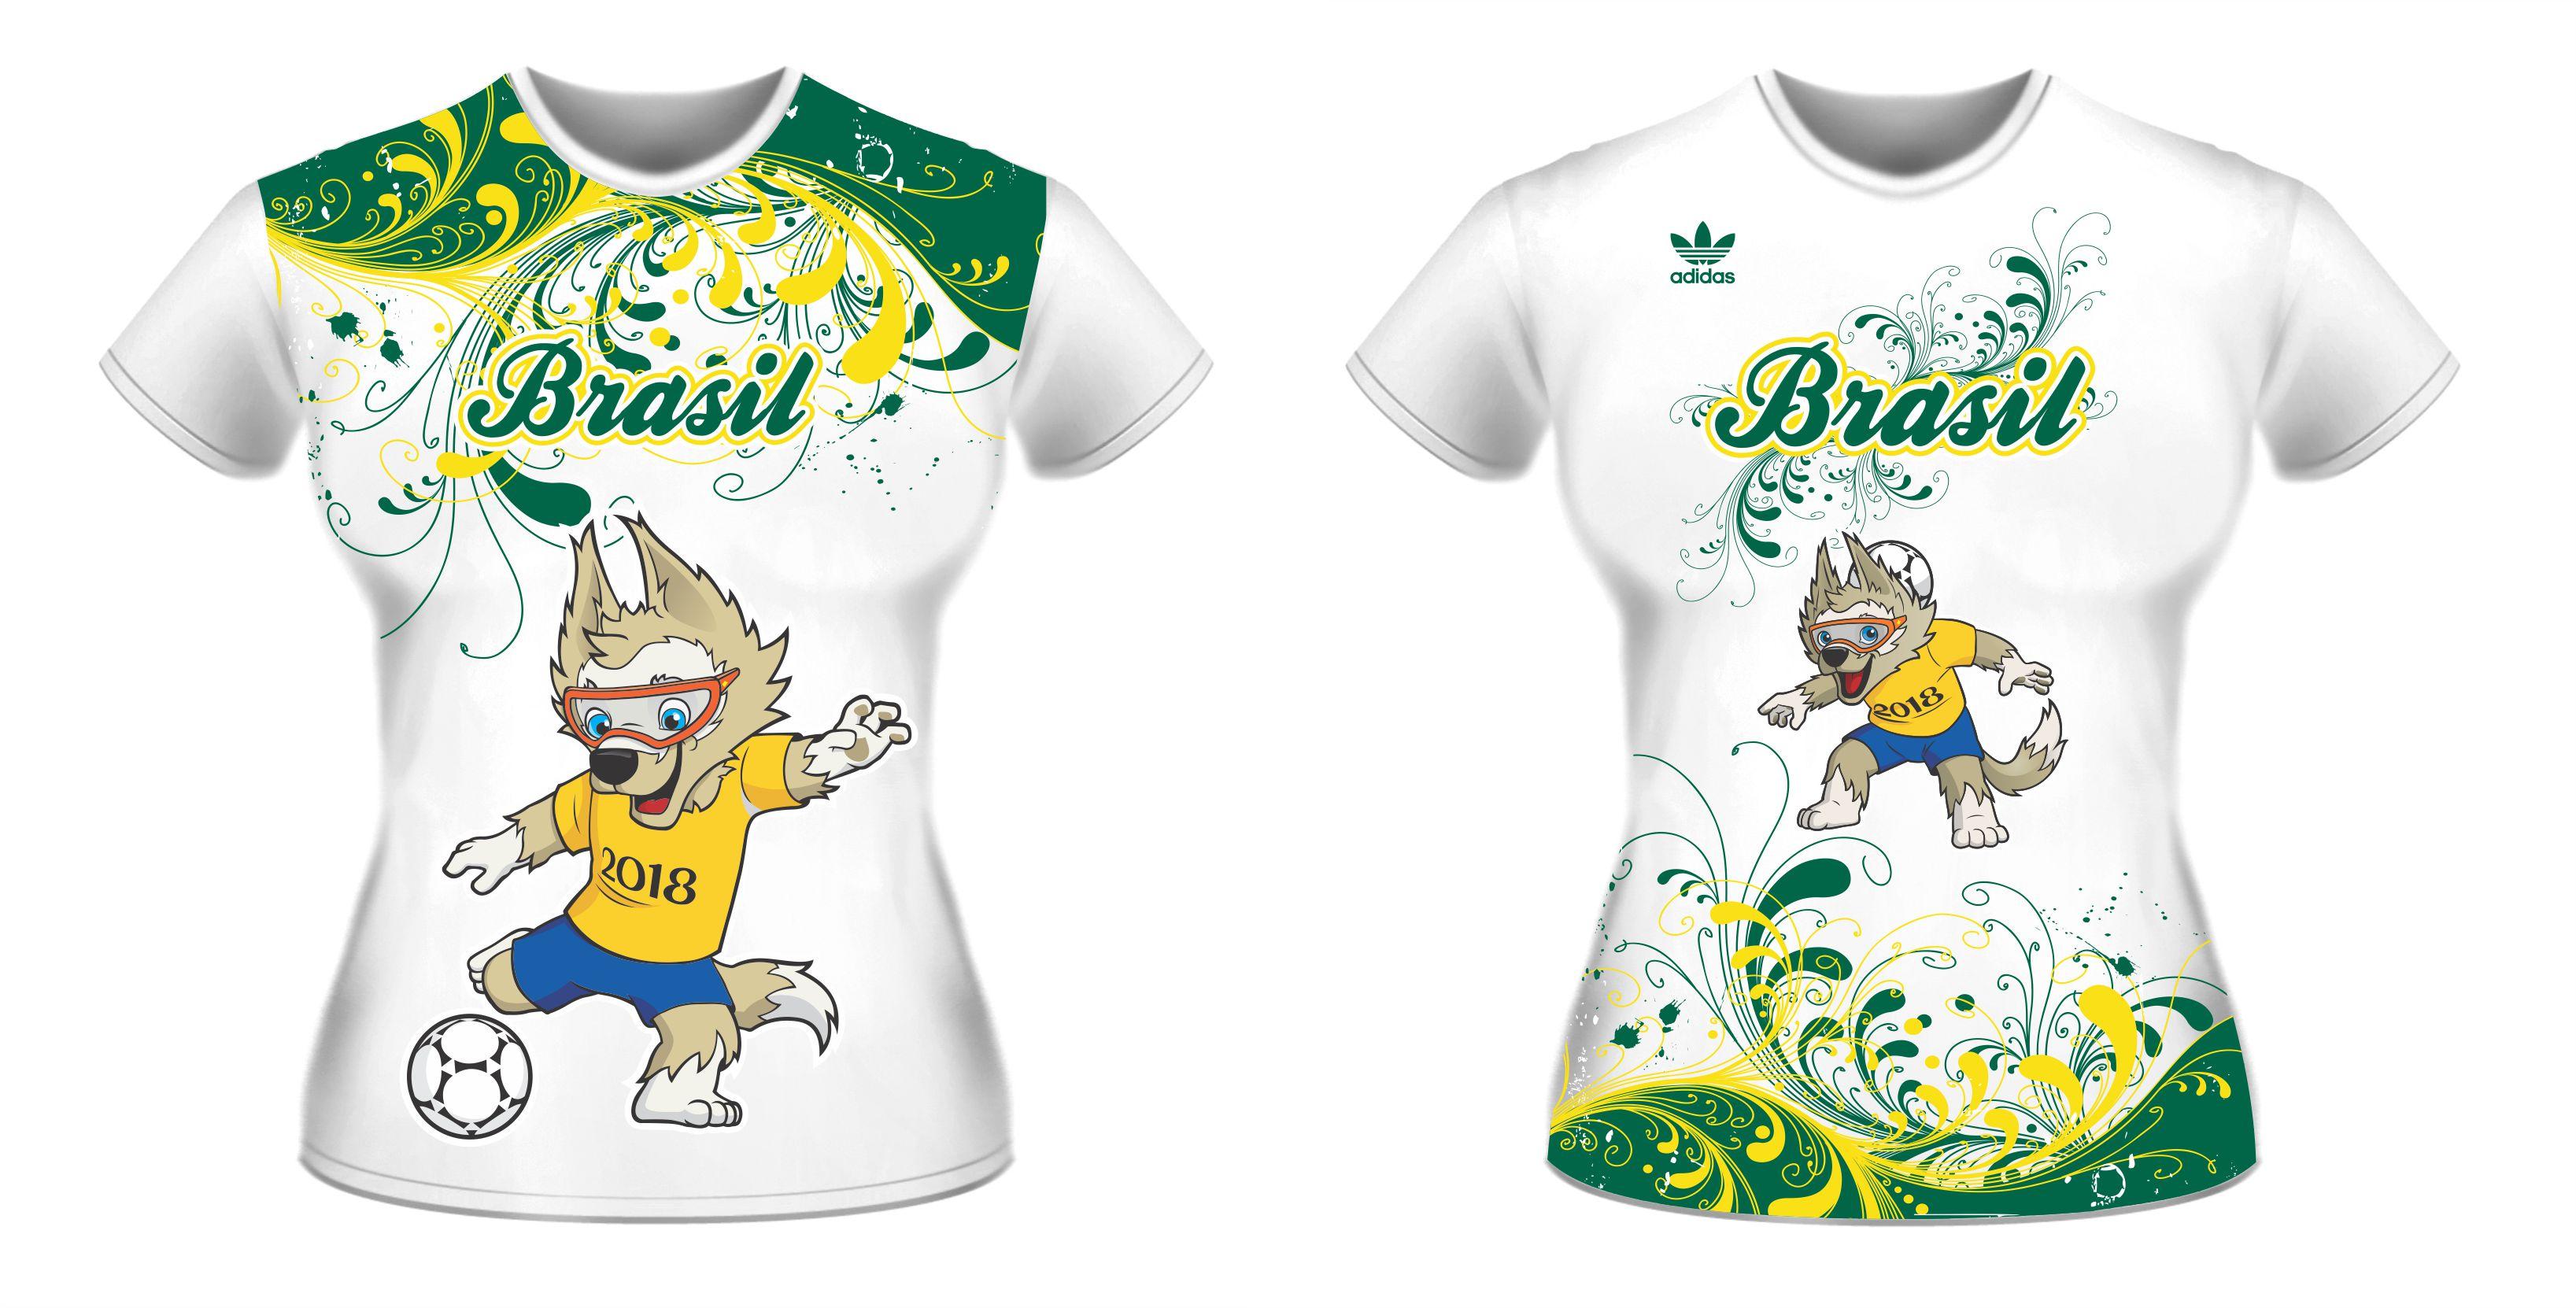 Vetores Estampas Copa Mundo 2018 Russia Neymar Artes Camisa no Elo7 ... bcbaf7d55baee